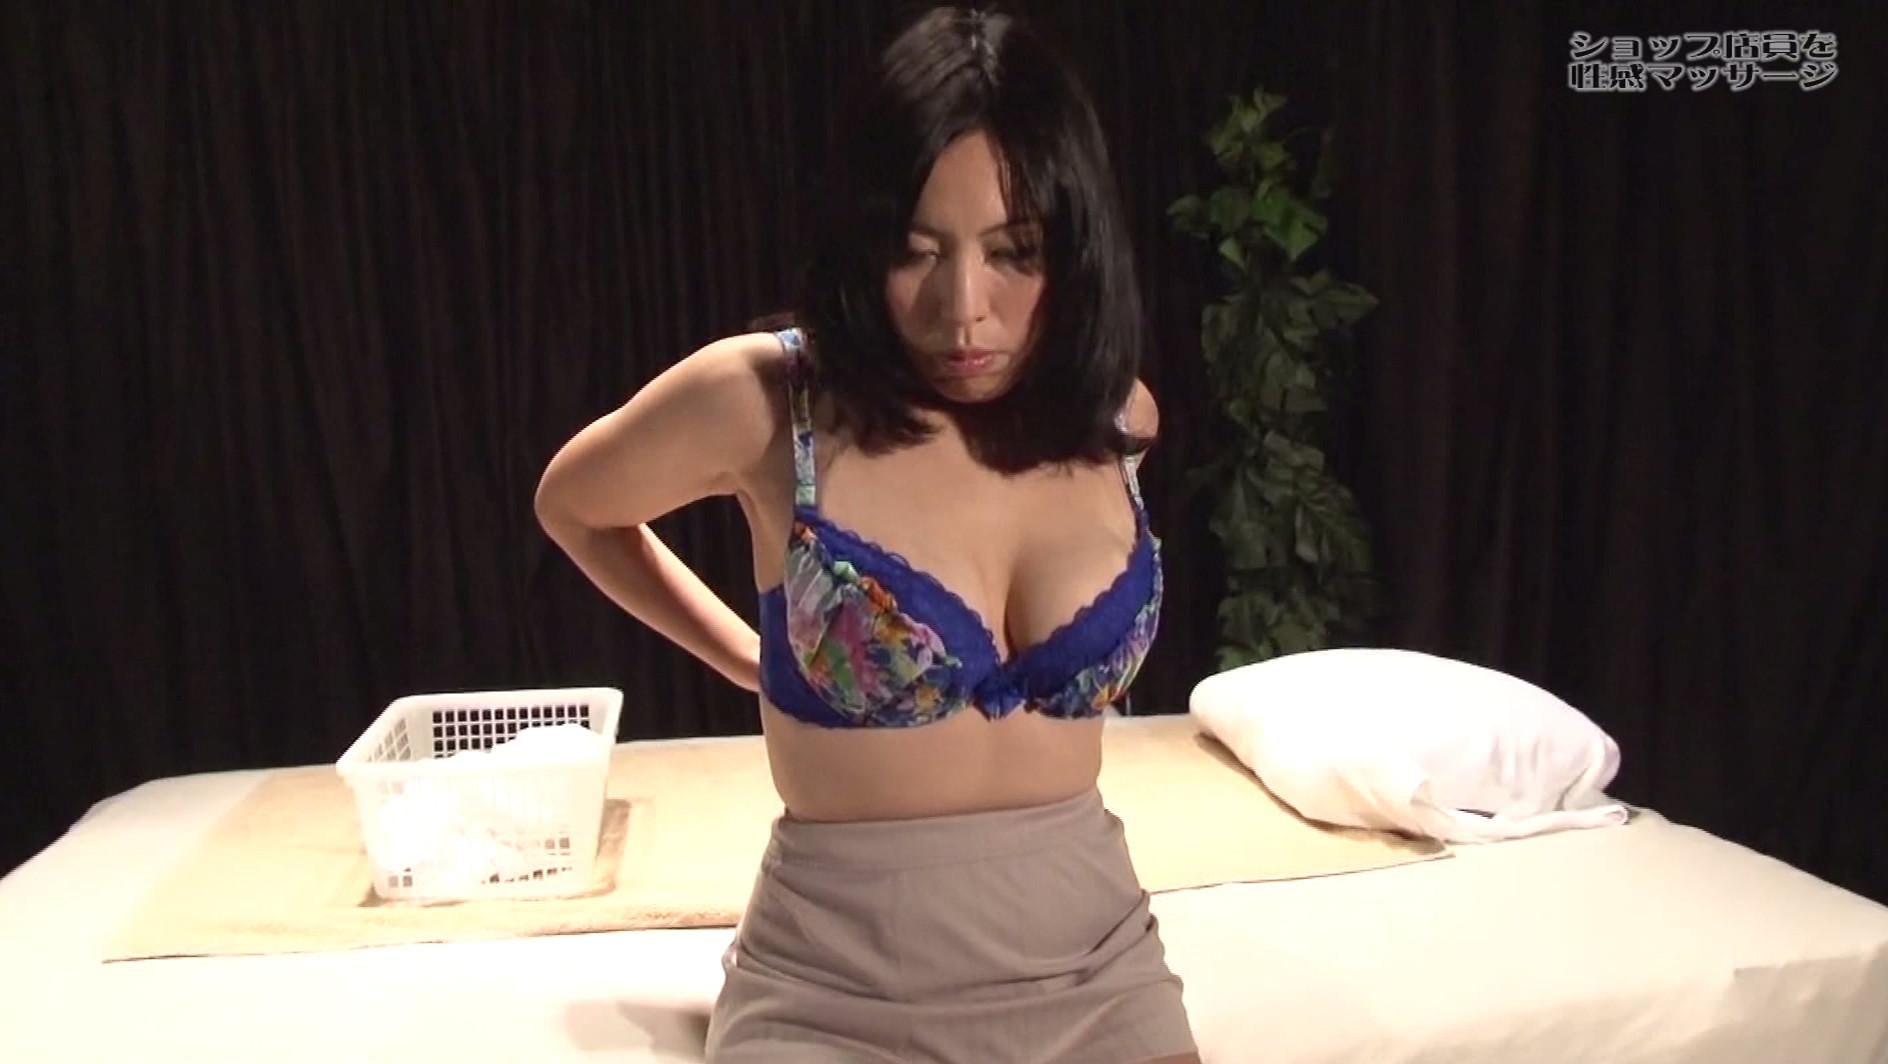 かわいいショップ店員のお姉さんを性感マッサージでとことんイカせてみた 画像2